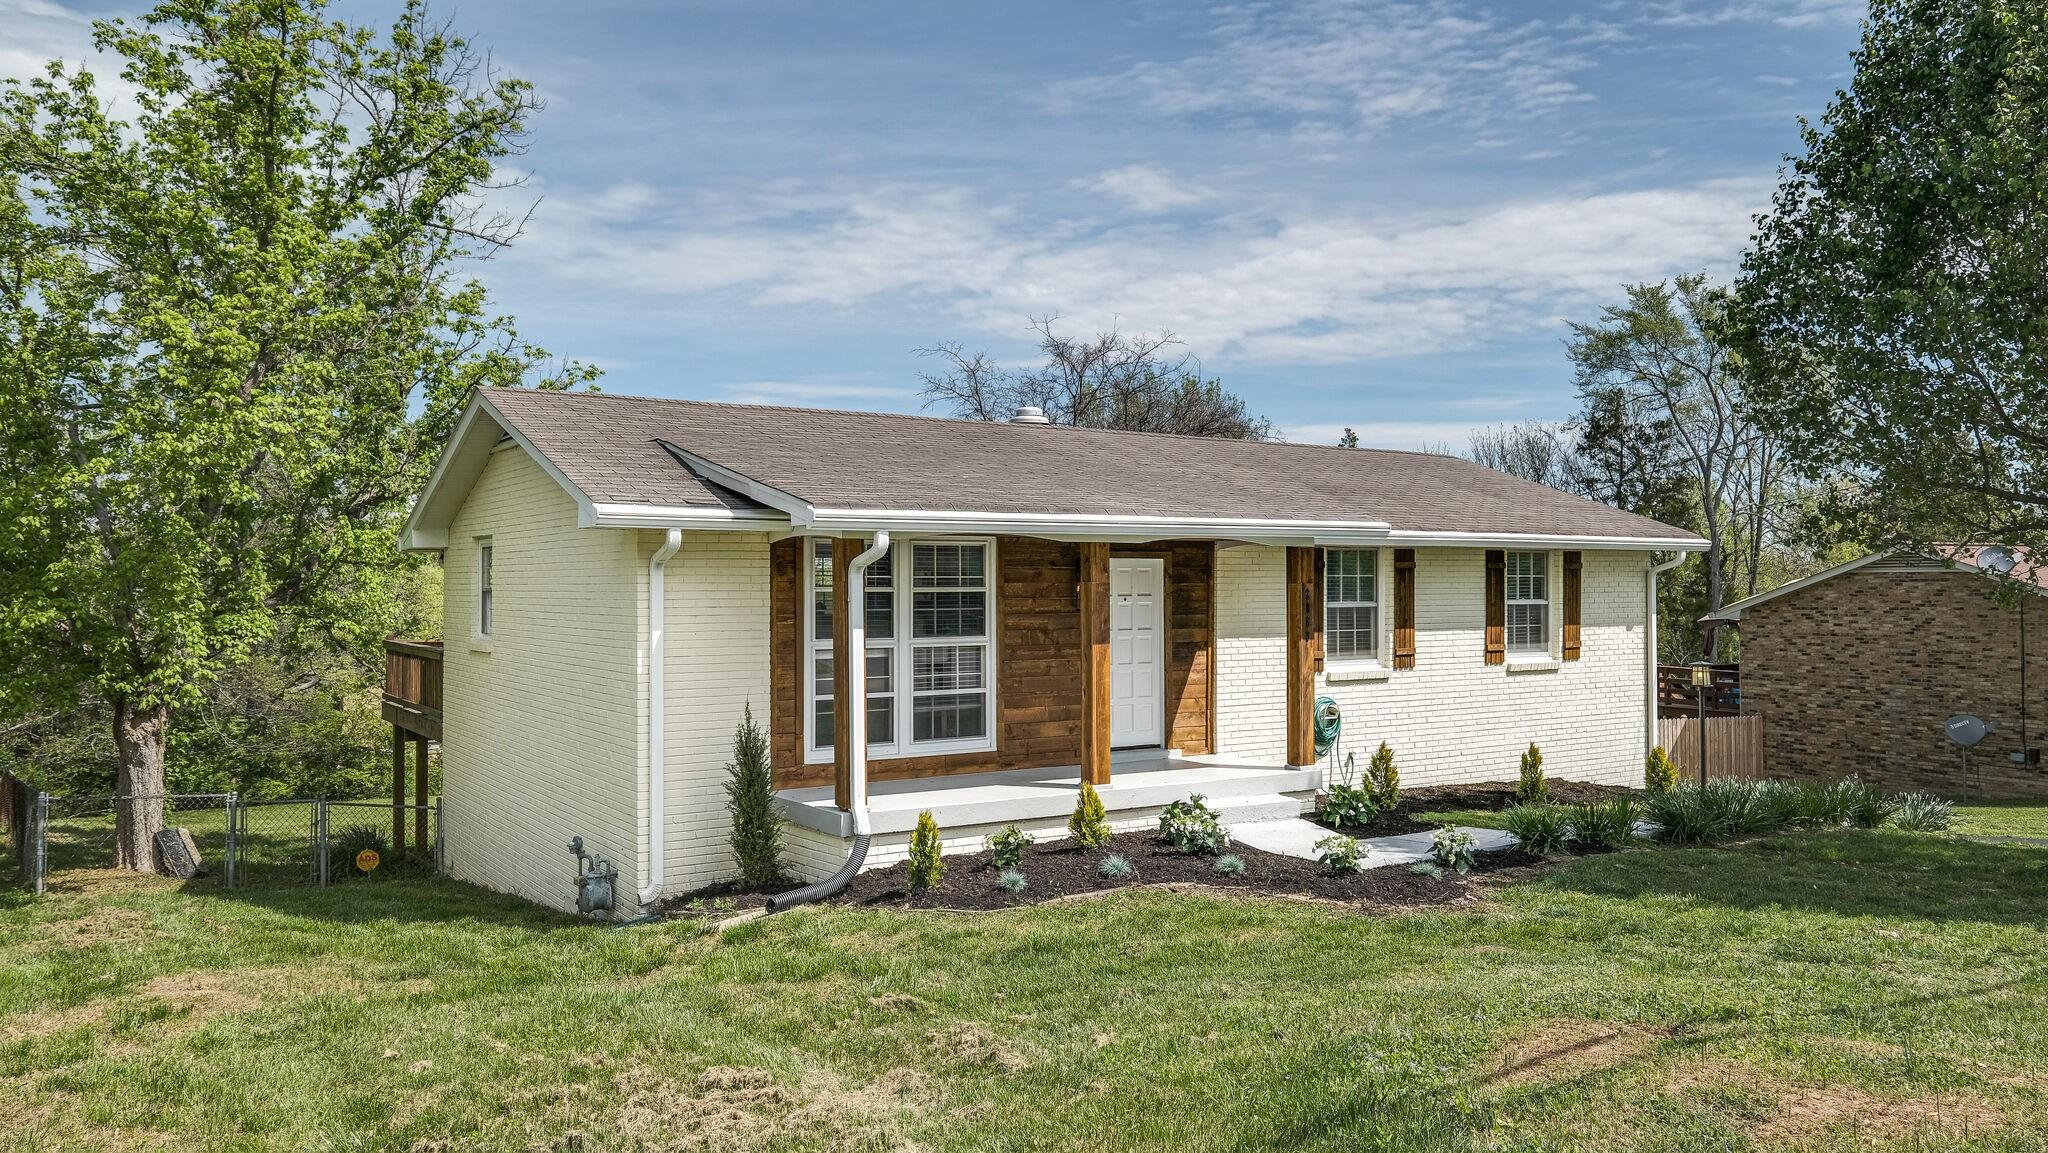 2863 Desplane Dr Property Photo - Nashville, TN real estate listing